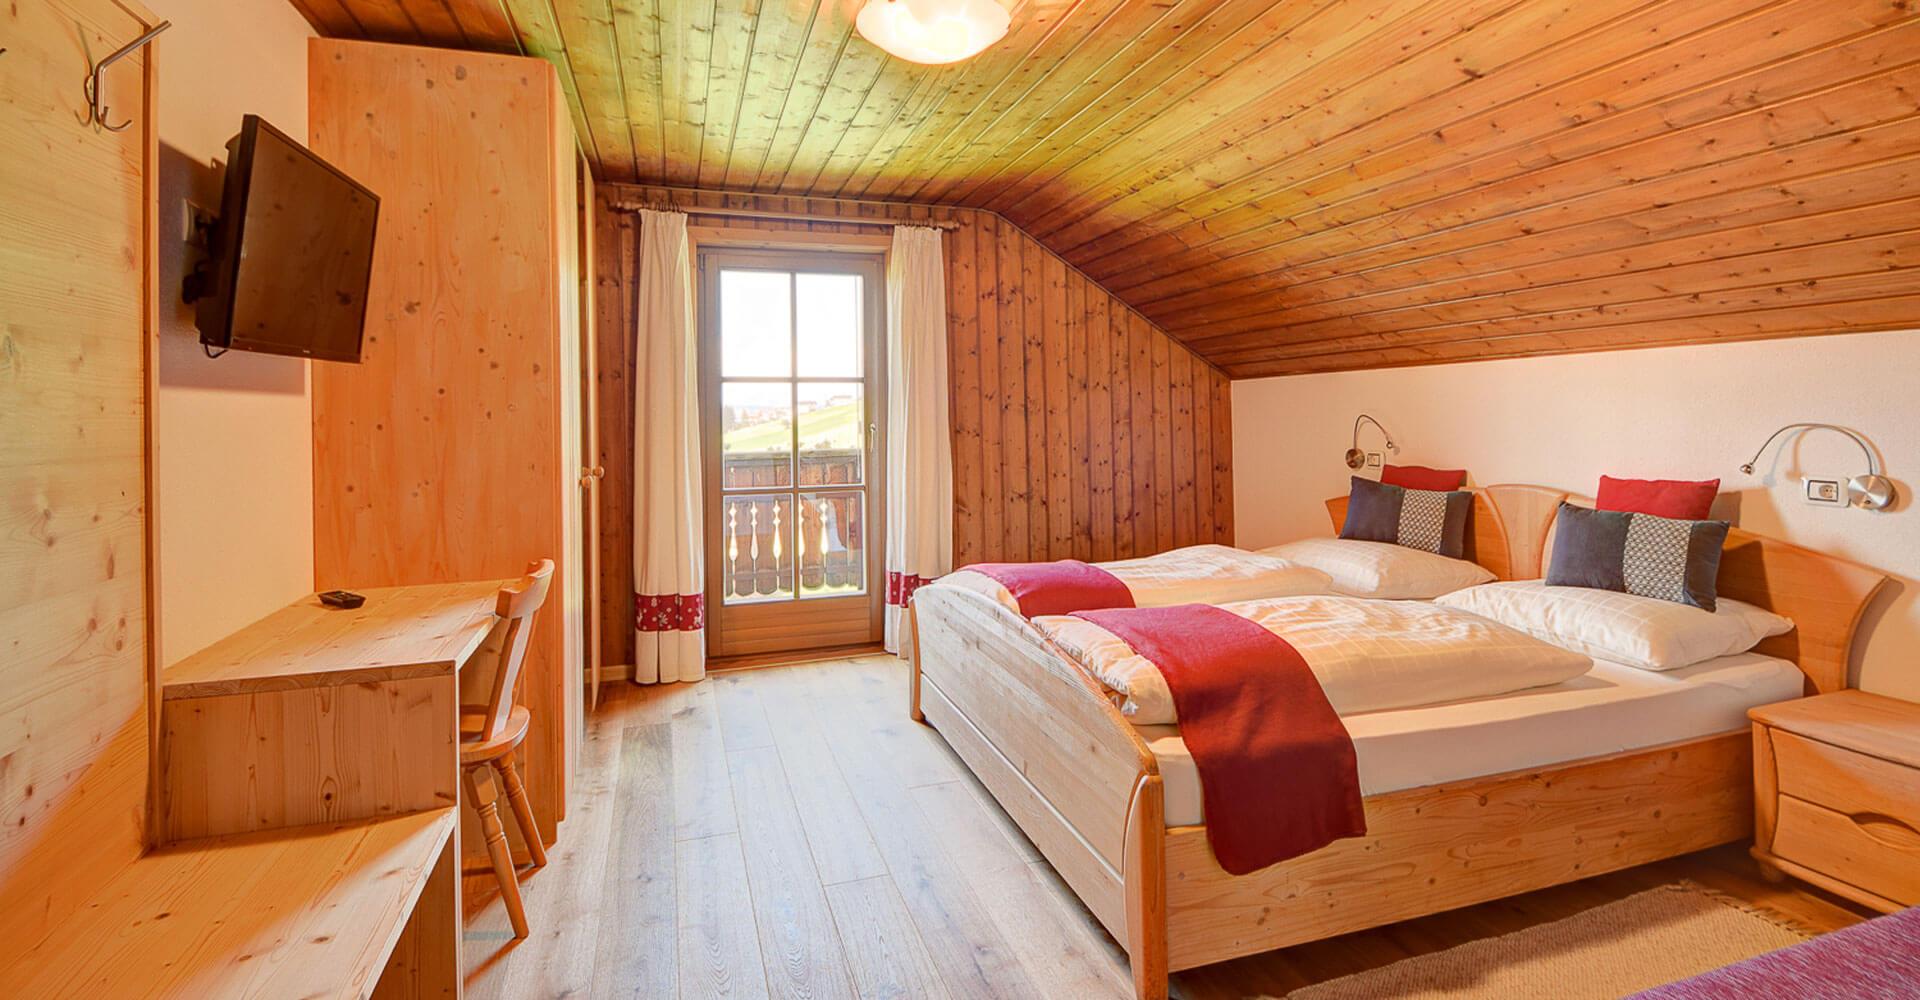 Ferienwohnung in Tereten - Pustertal / Südtirol